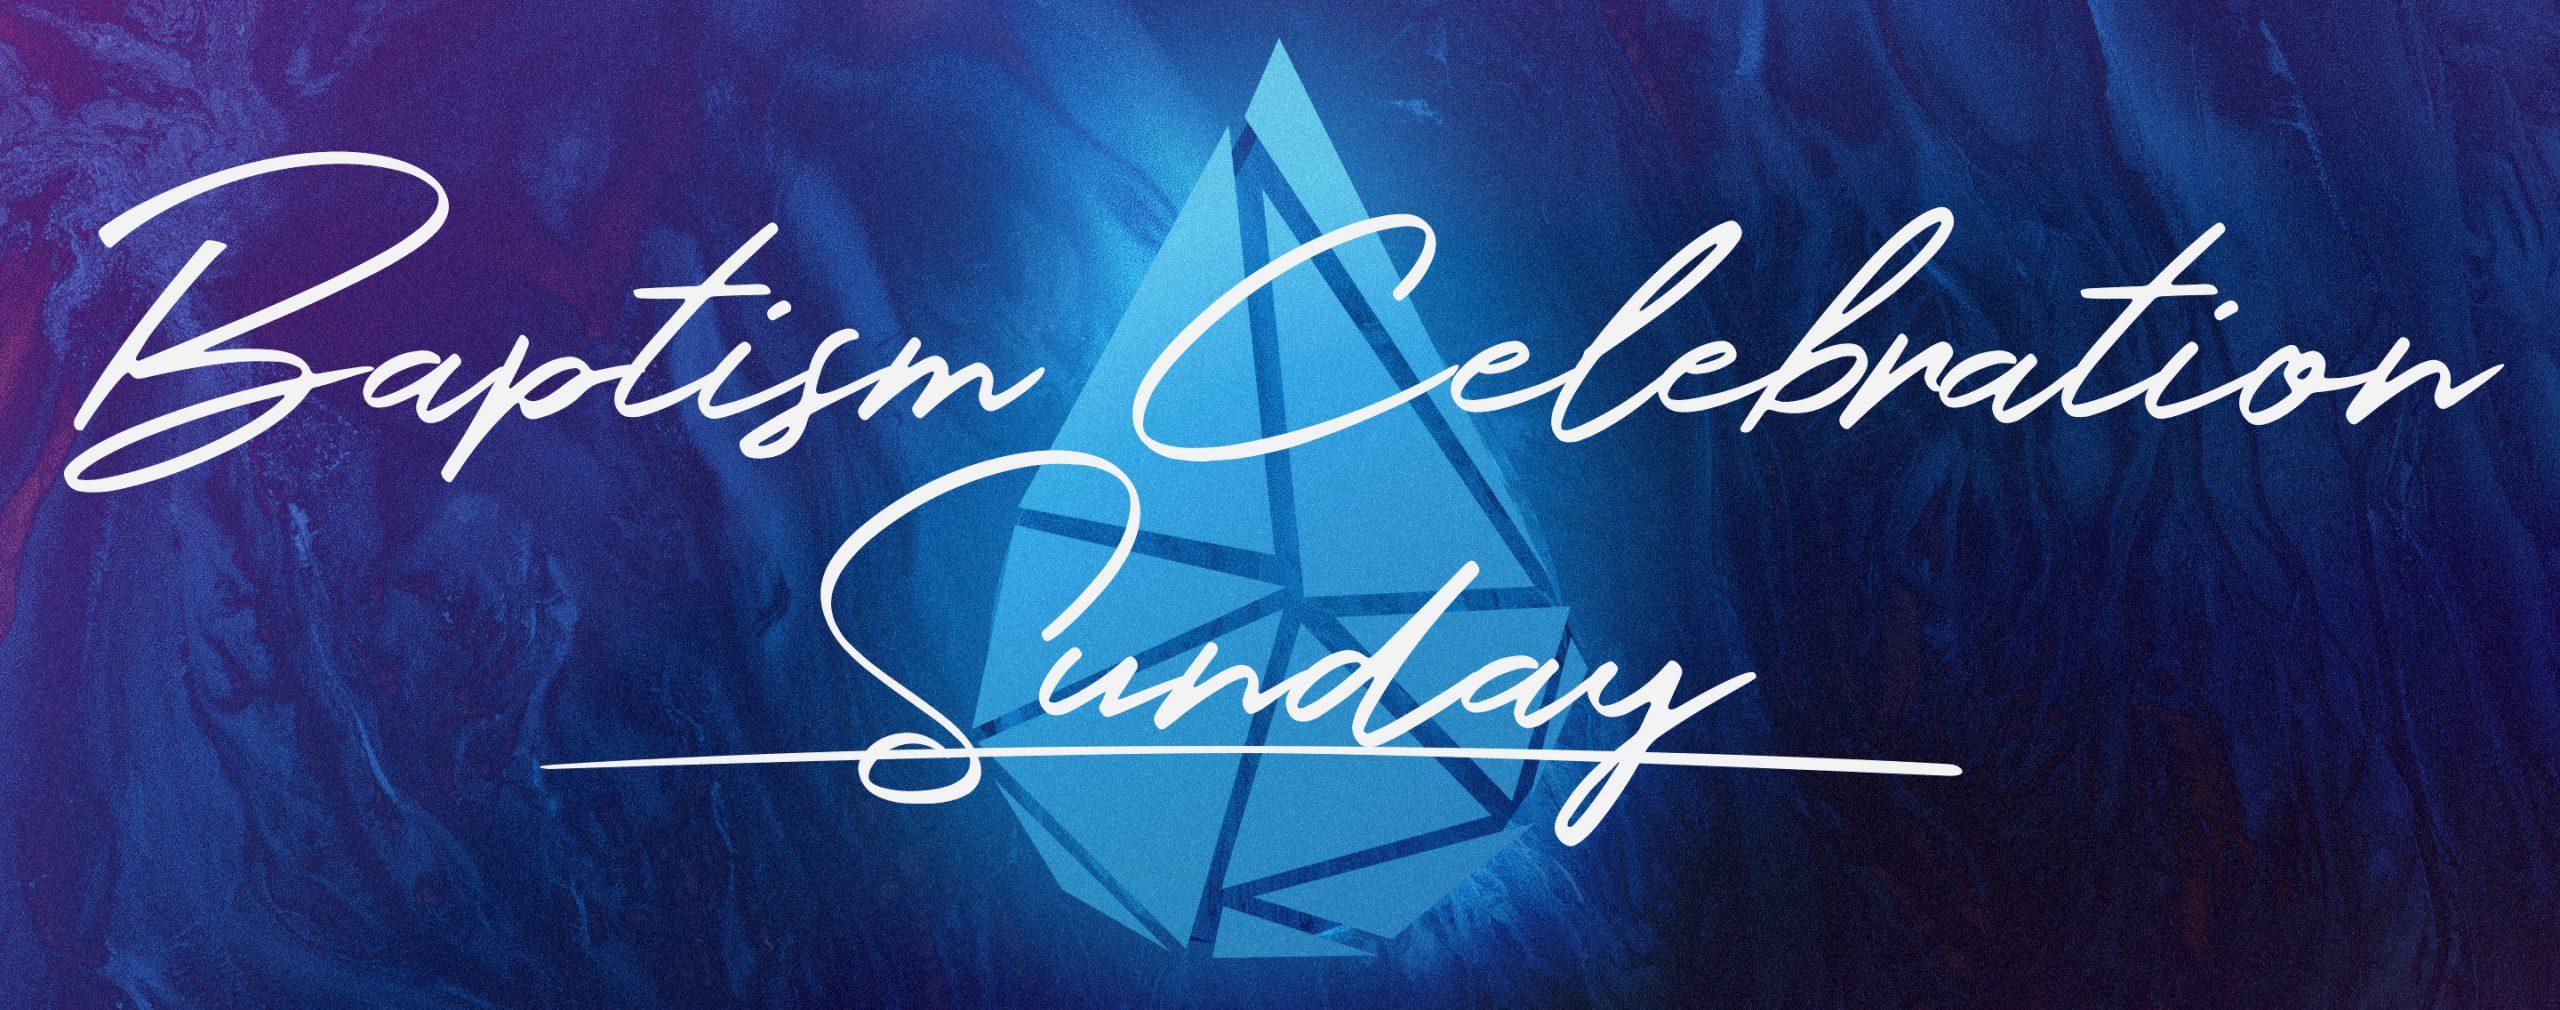 Baptism Celebration Sunday 2020 Web